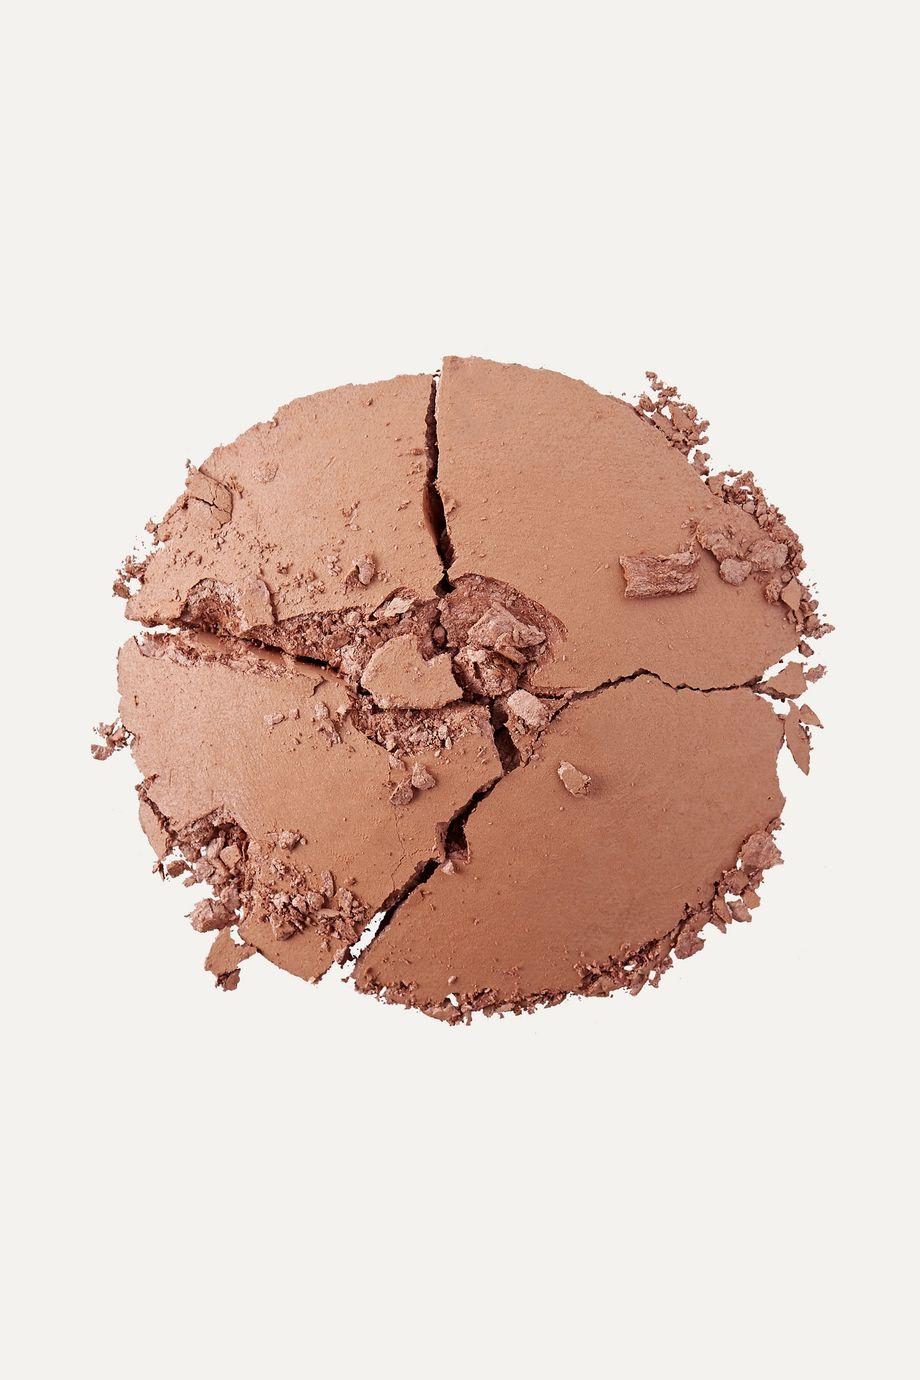 MAKE Beauty Bronzing Brick - Joshua Tree